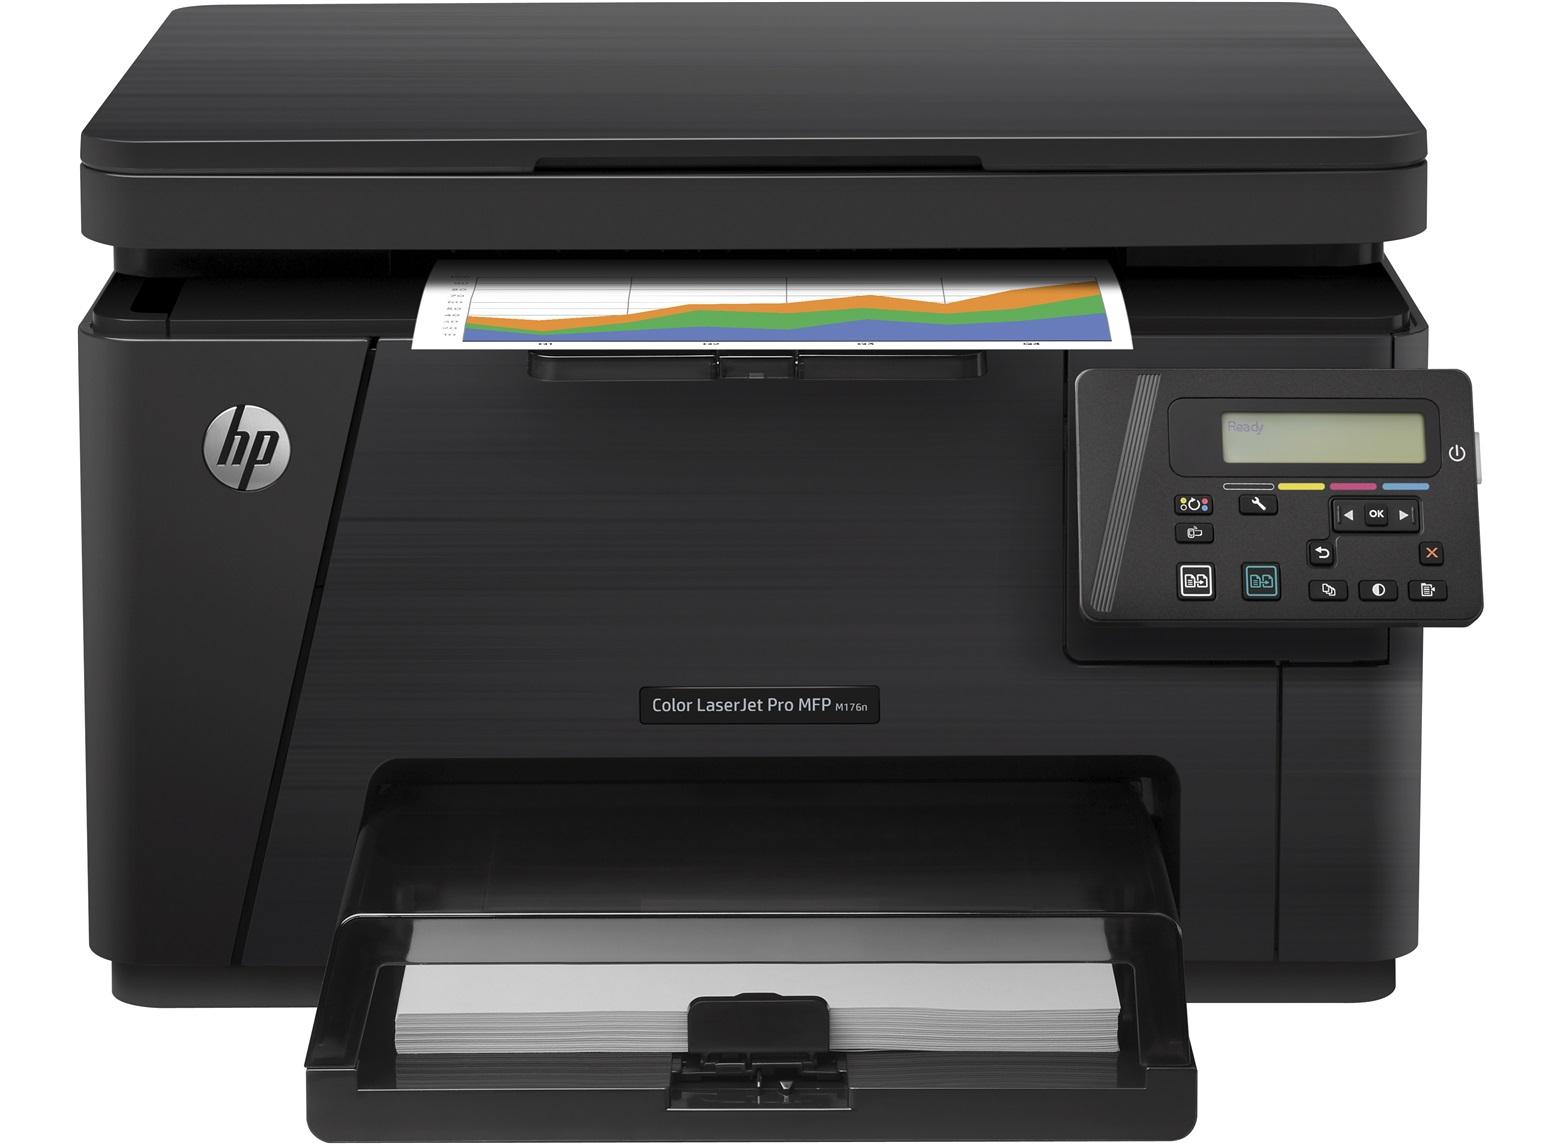 Hewlett-Packard HP MFP M176n, Farblaser Drucker, A4, 16 Seiten pro Minute, Drucken, Scannen, Kopieren